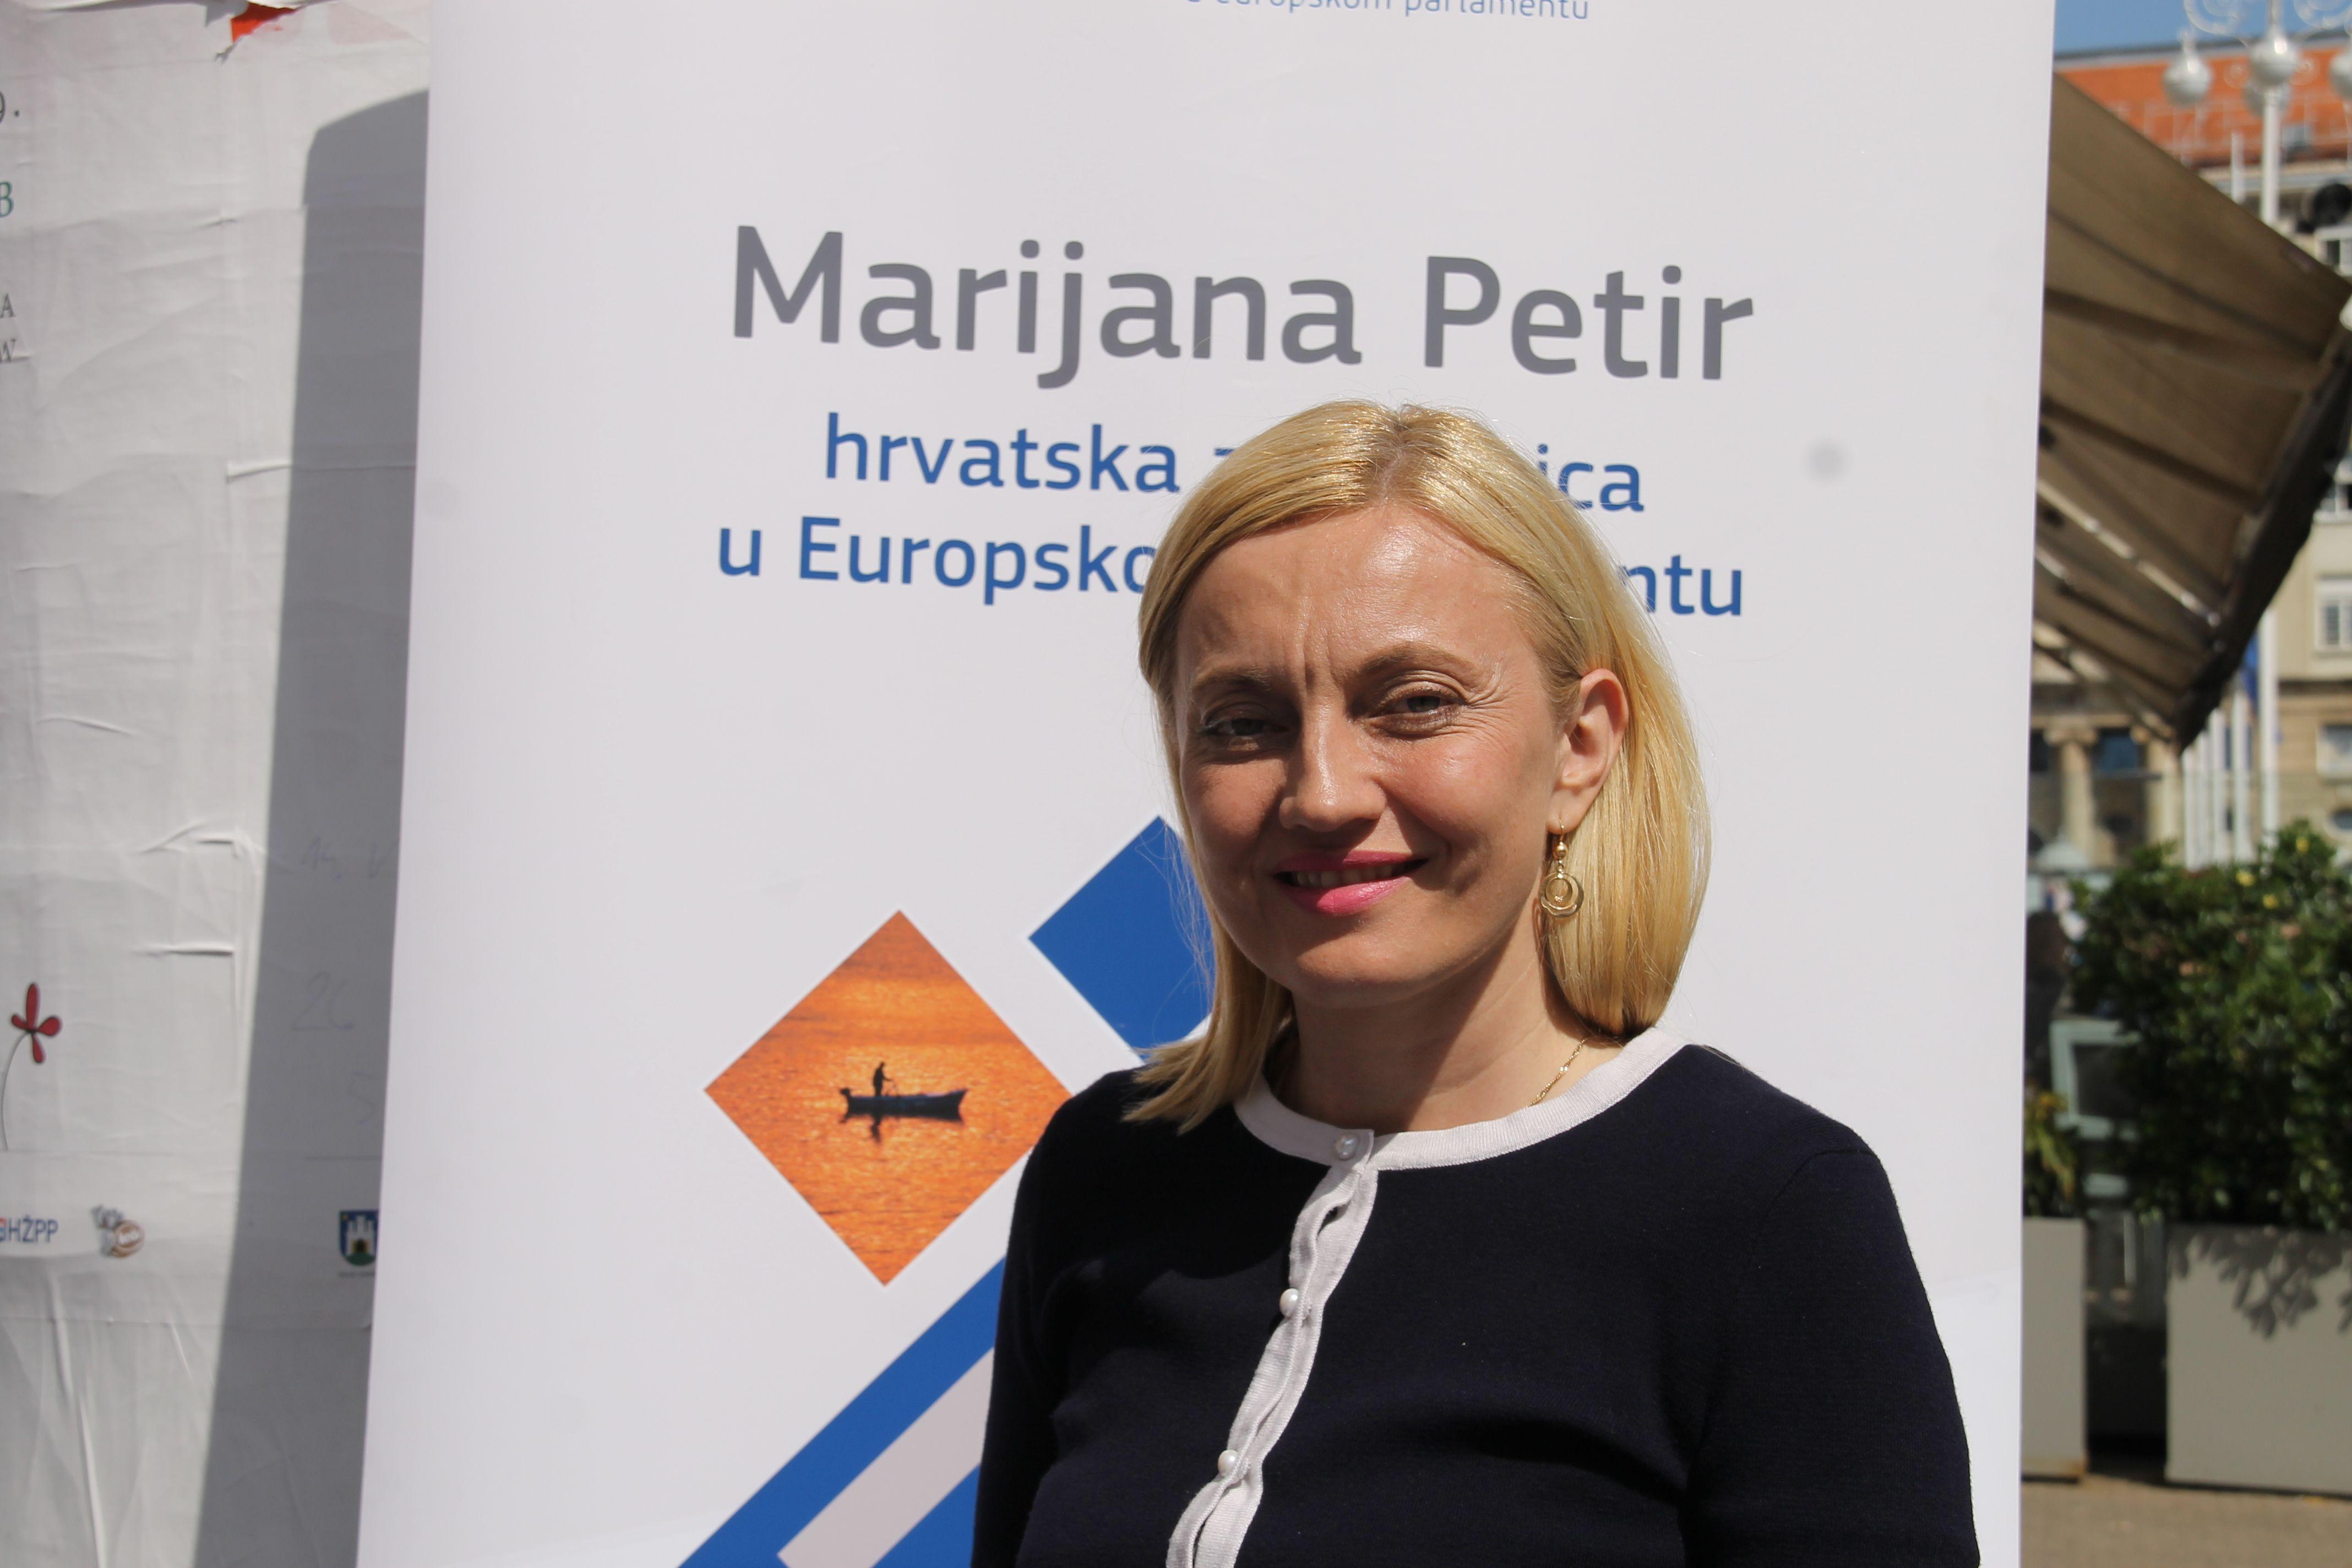 """Marijana Petir: """"Da su ljudi devedesetih rekli – nije nas briga, mi ne bismo imali državu. Nemamo pravo to zaboraviti""""!"""